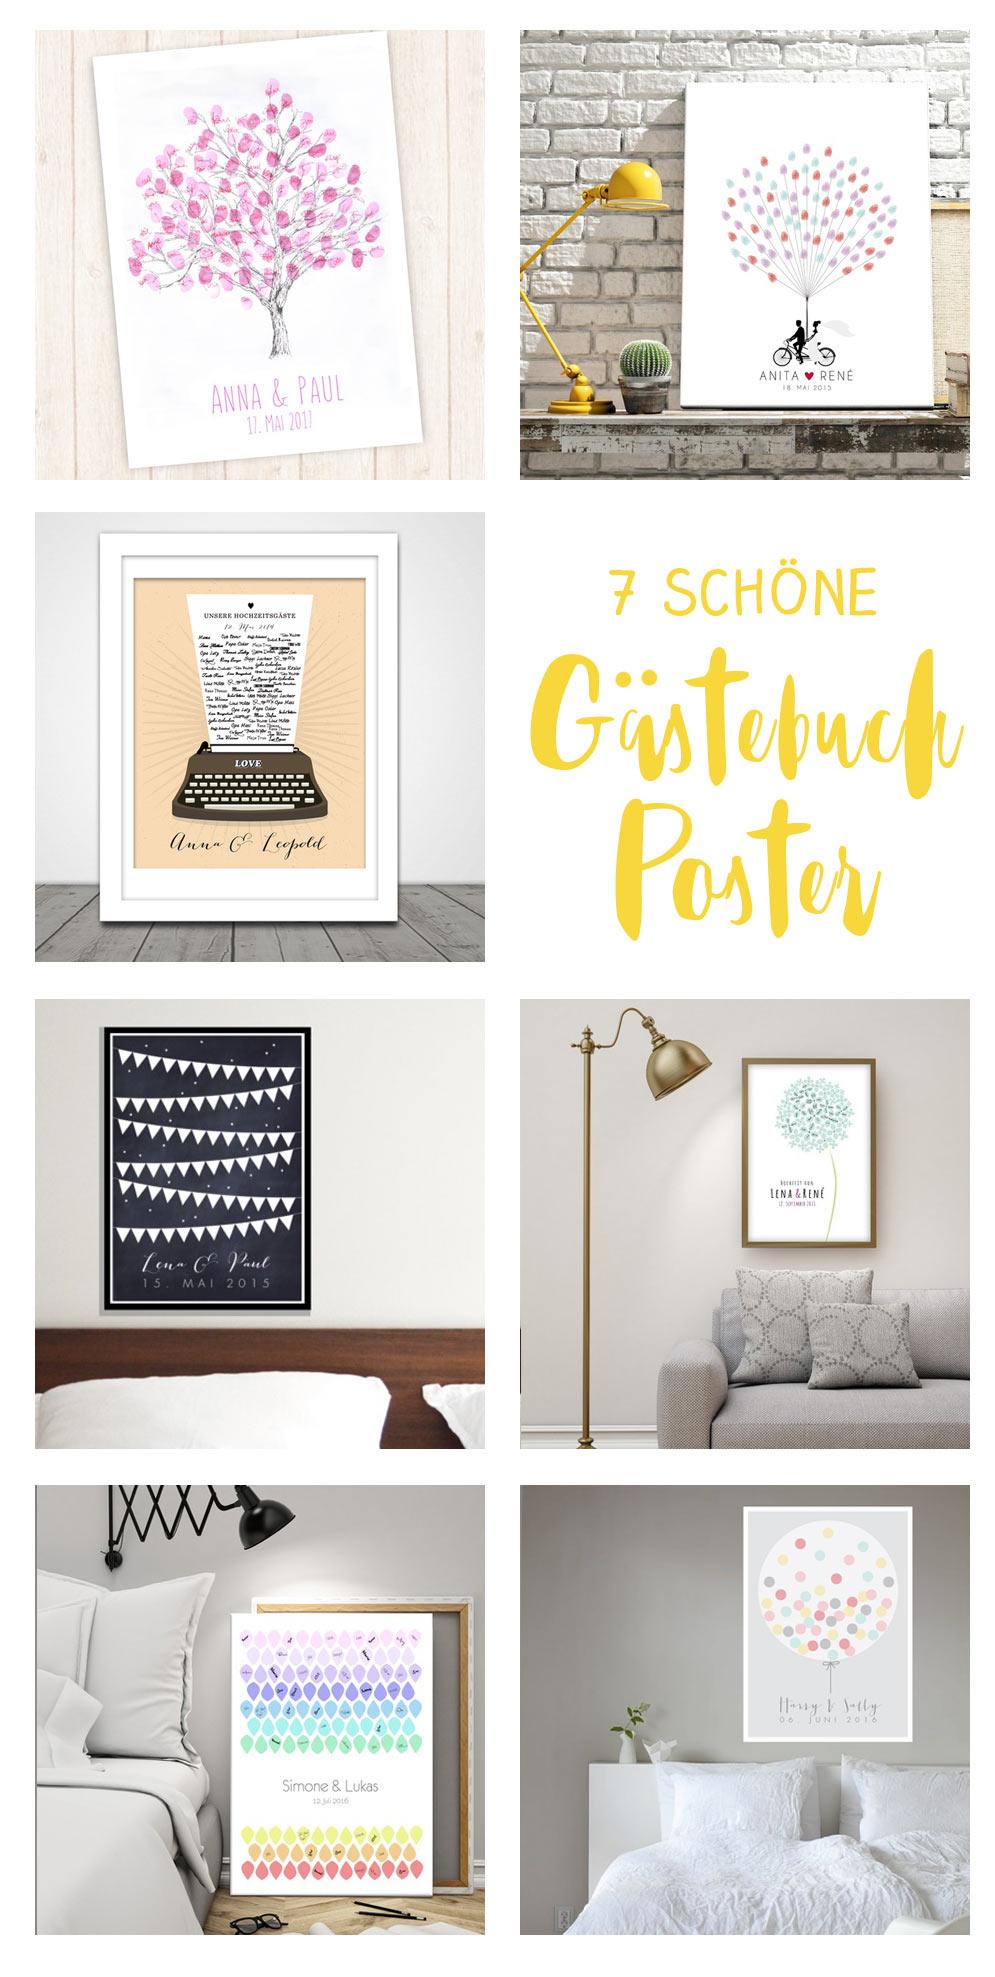 7 schöne Gästebuch Poster für eure Hochzeit - Fingerprint Tree und Co.